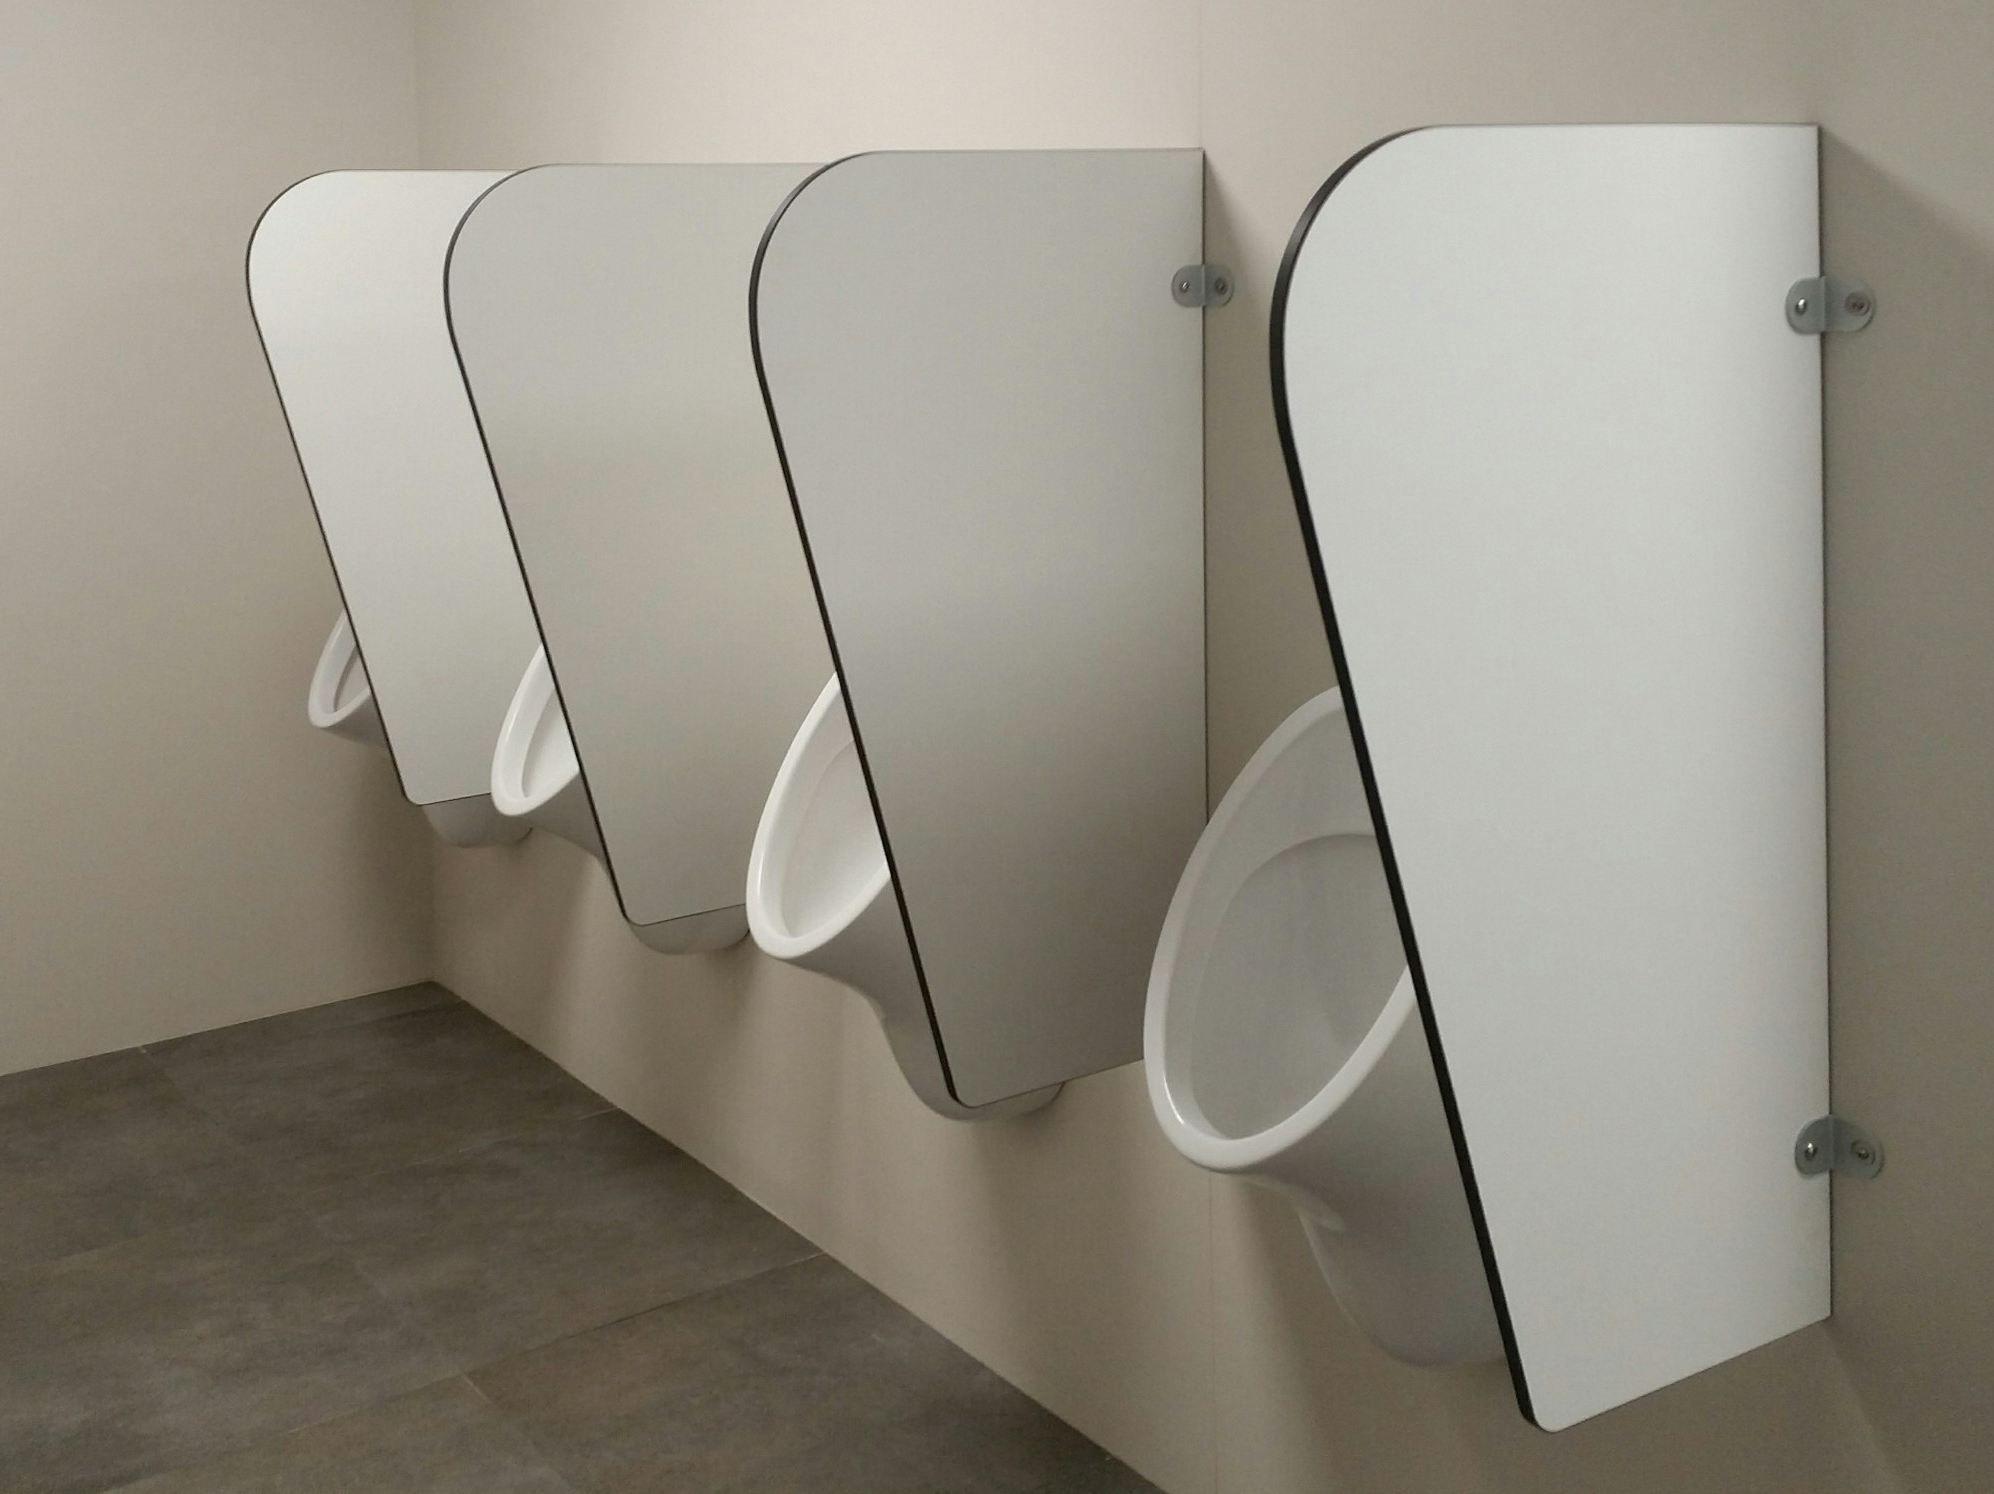 Divisória para banheiro em HPL Divisória para banheiro GES Group #484235 1994 1494